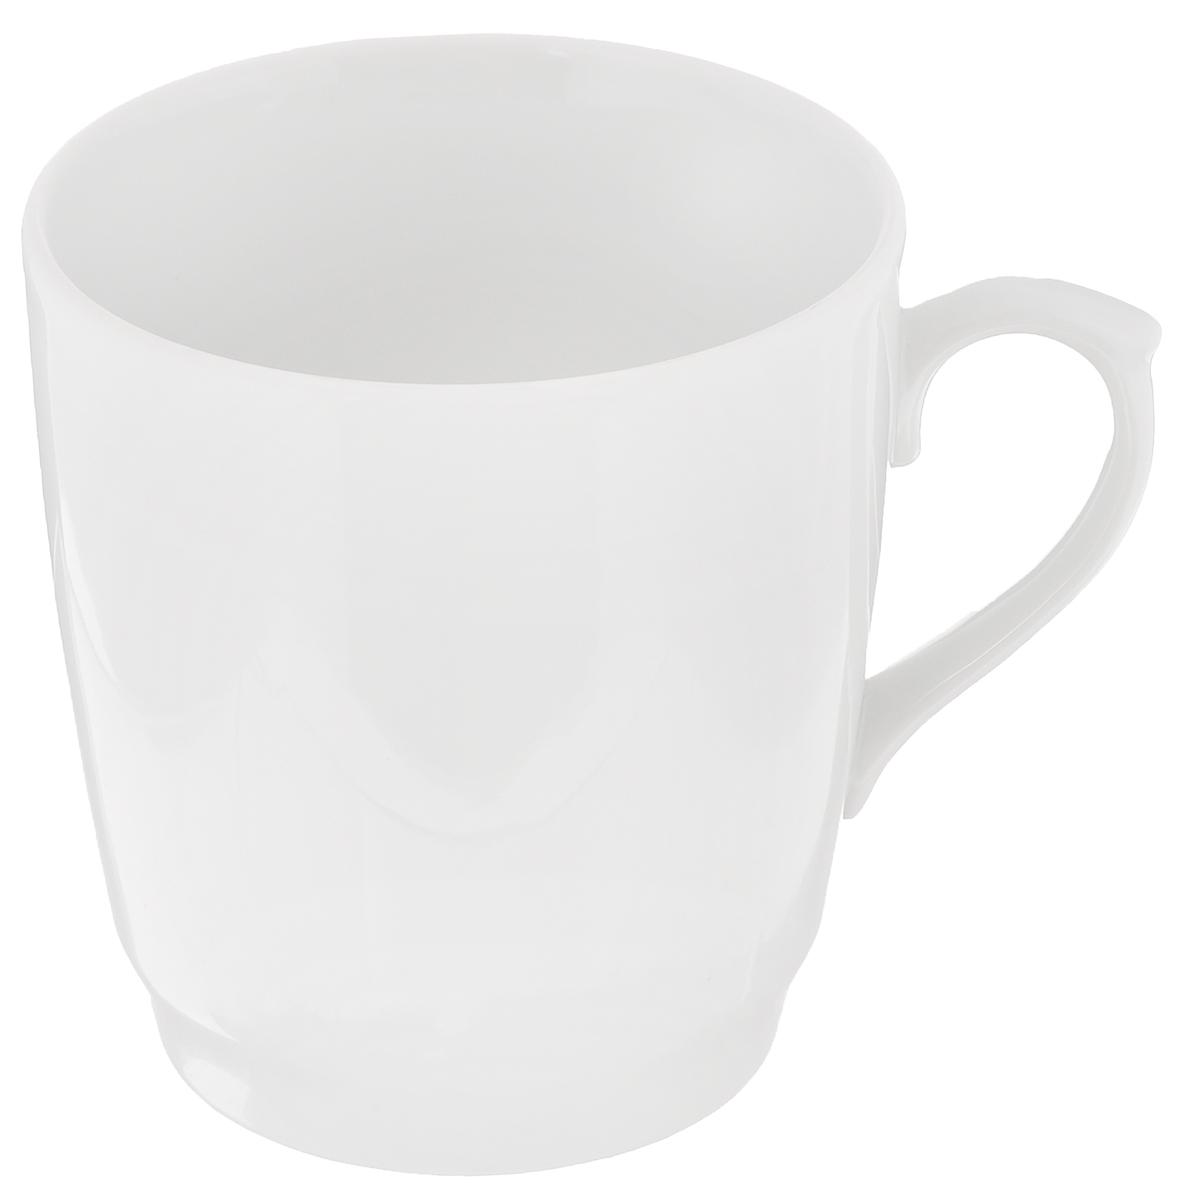 Кружка Белье, 400 мл6С0118Кружка Белье изготовлена из высококачественного фарфора. Такая кружка прекрасно подойдет для горячих и холодных напитков. Она дополнит коллекцию вашей кухонной посуды и будет служить долгие годы.Диаметр кружки (по верхнему краю): 8,5 см.Диаметр основания: 6,2 см.Высота кружки: 9,2 см.